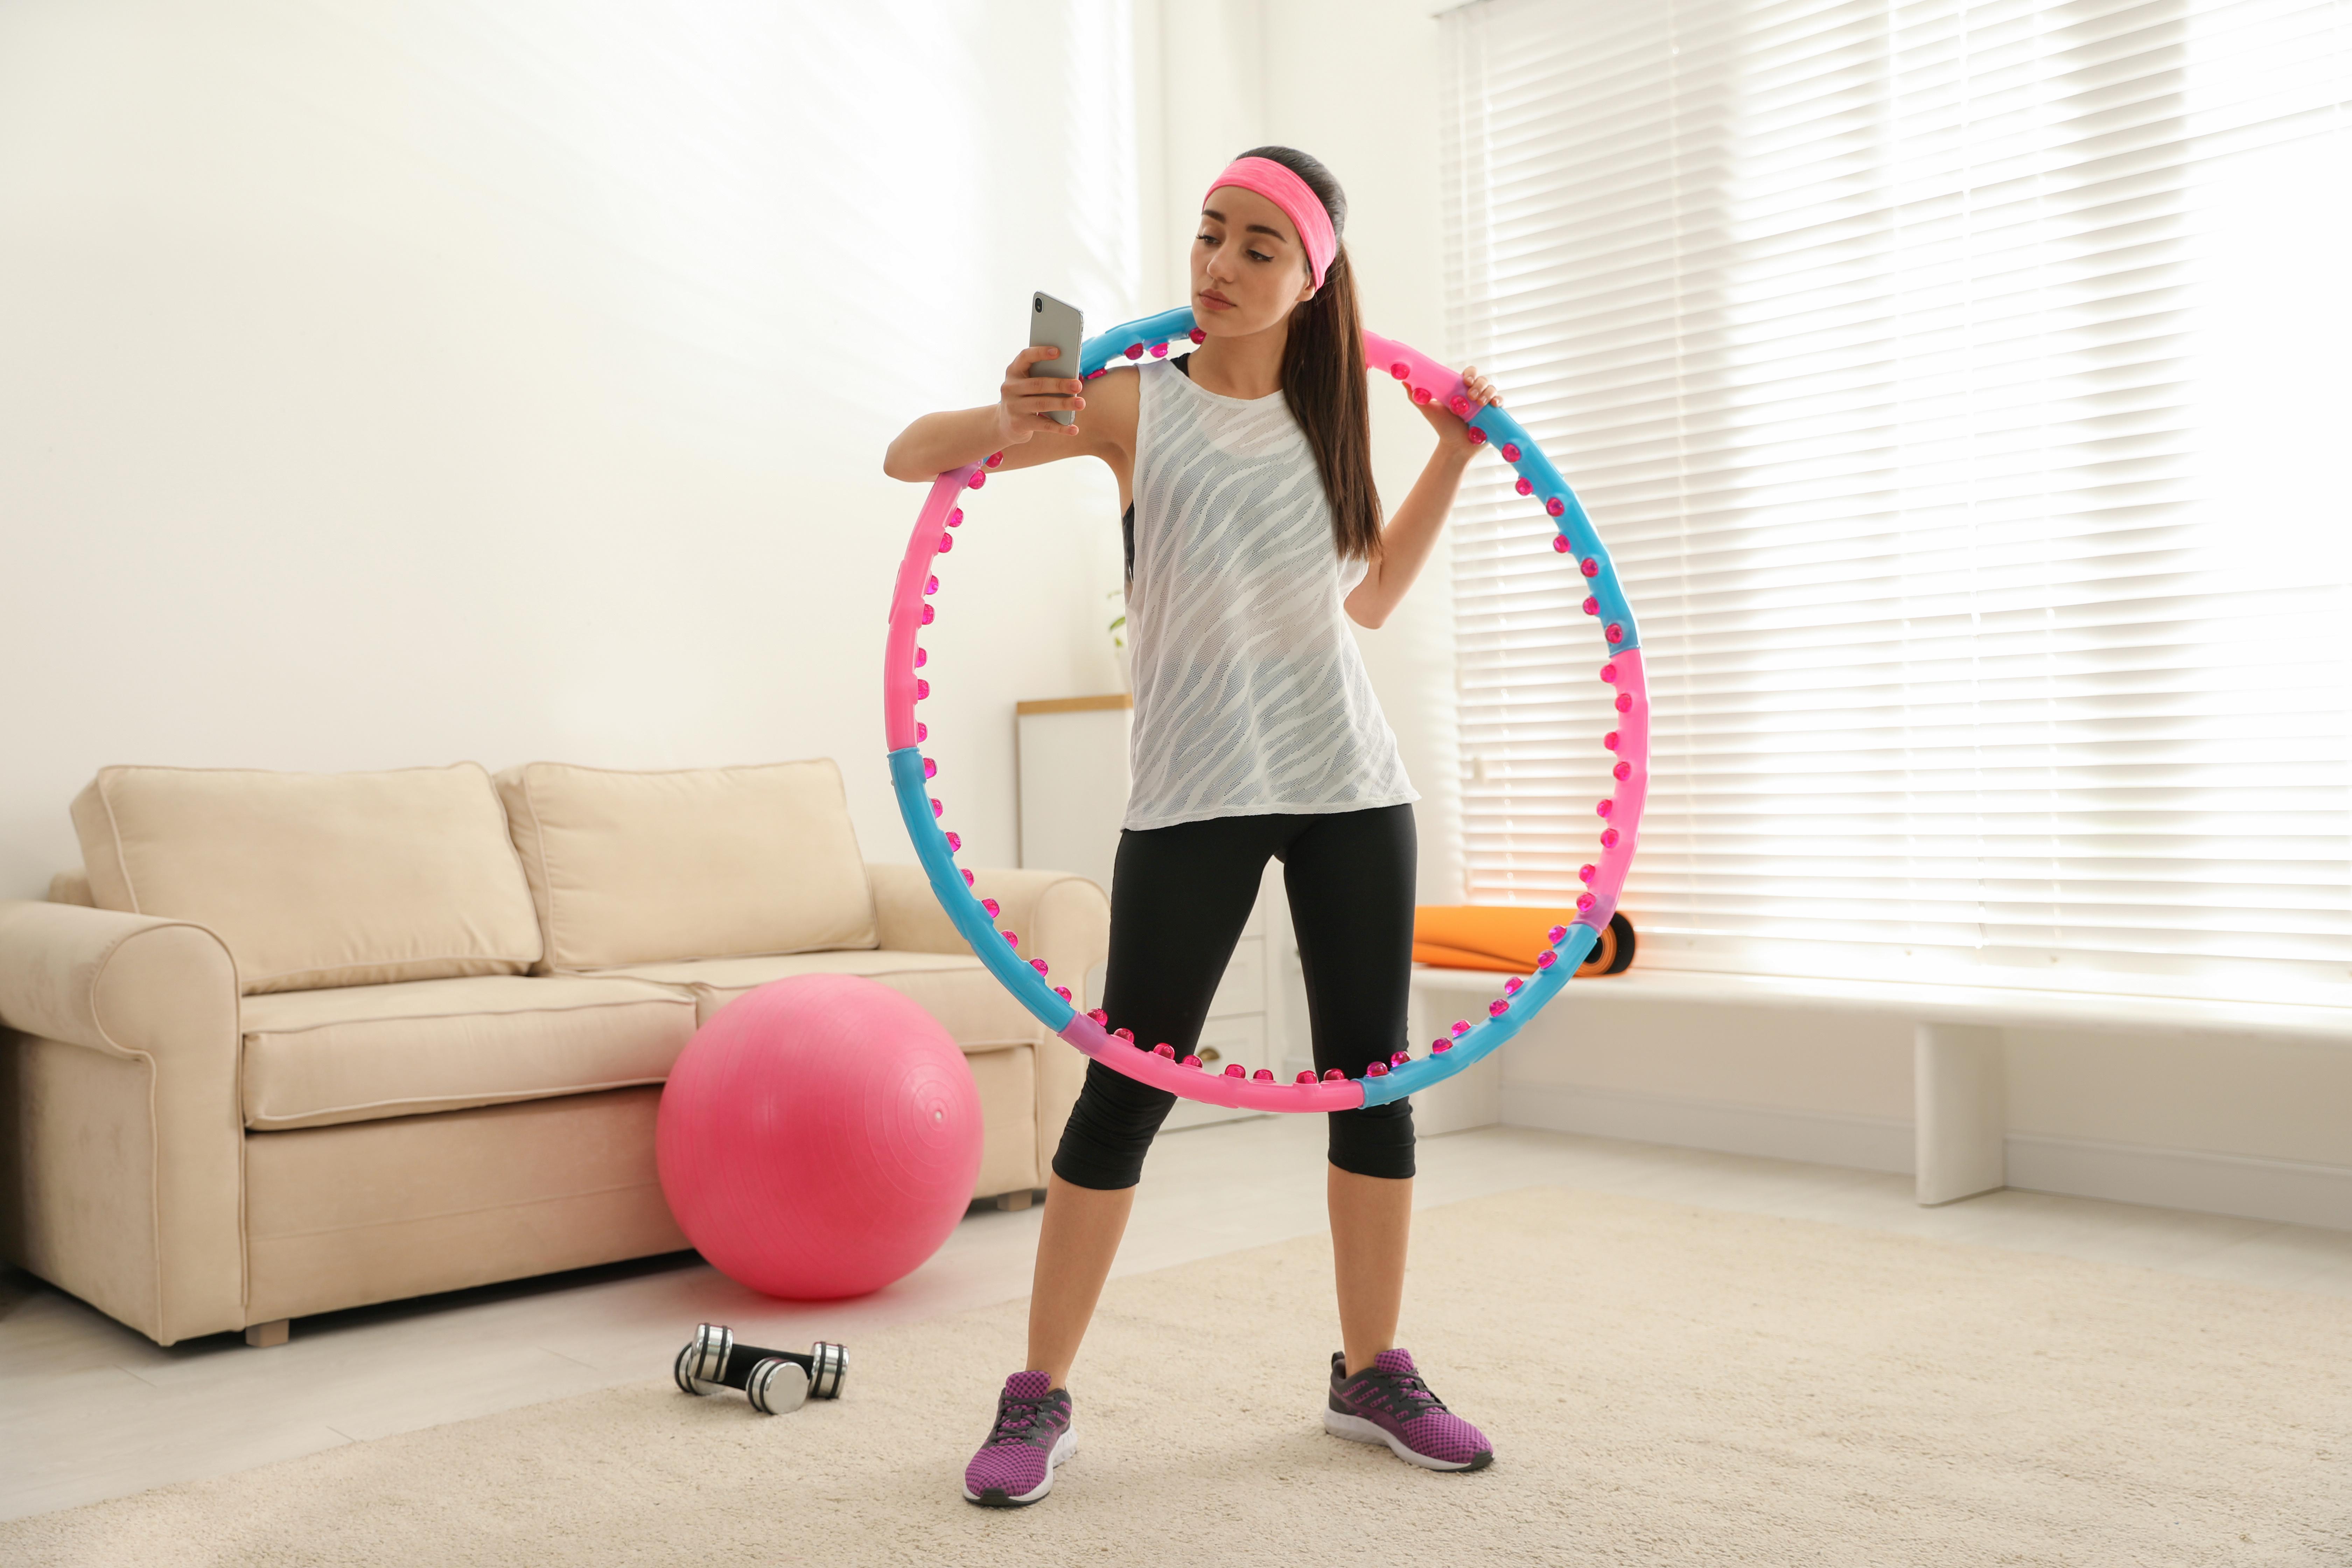 czy można schudnąć przez hula-hop ? - Piękno - Diety - sunela.eu - portal młodych kobiet